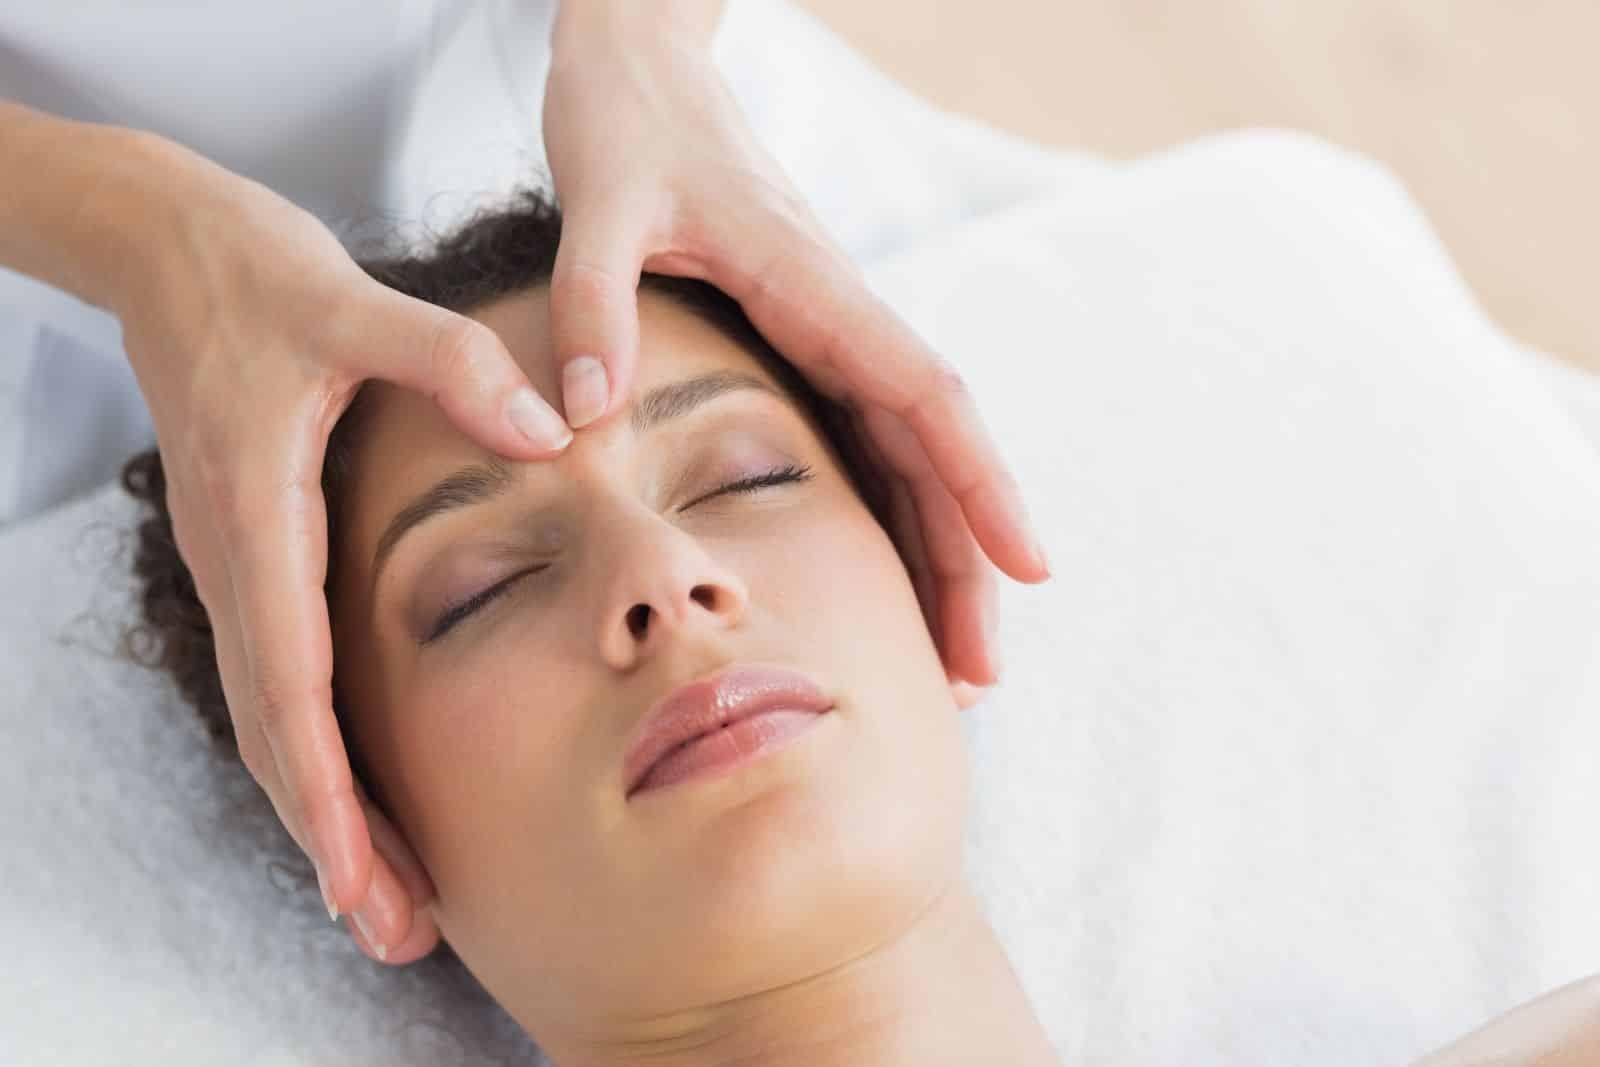 Xoa bóp - Bấm huyết có hiệu quả làm giảm các triệu chứng của viêm mũi dị ứng